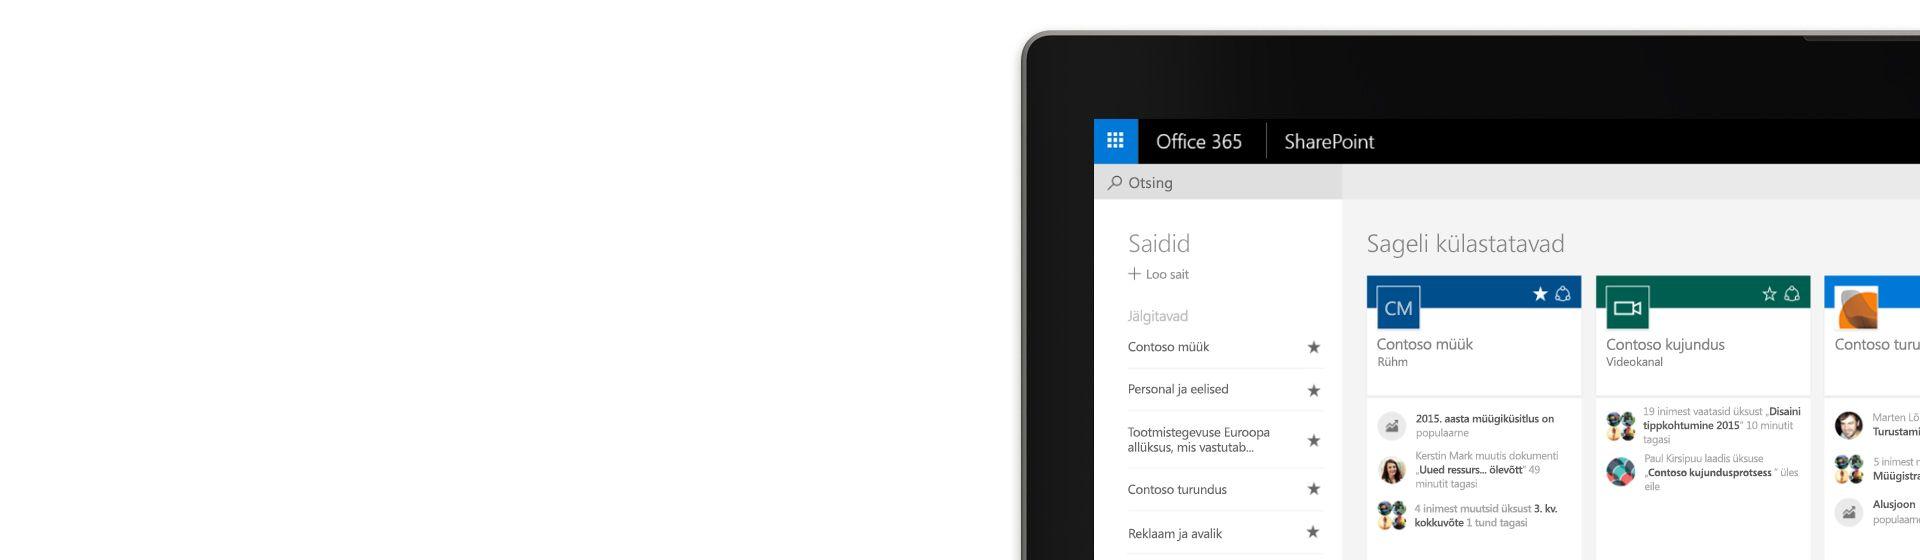 Arvutiekraani nurk; ekraanil on kuvatud SharePointi meeskonnatöö saitide loend